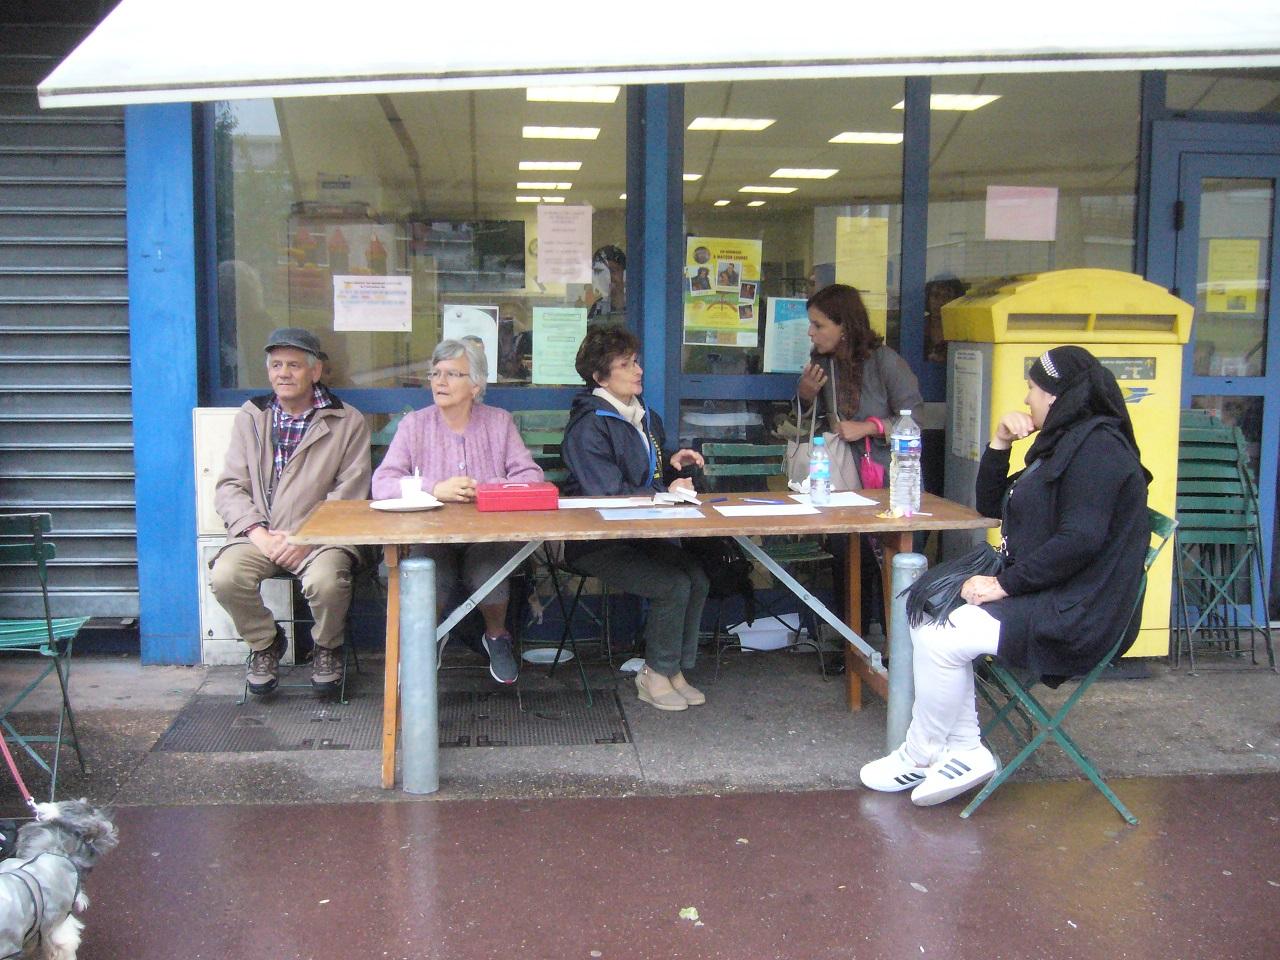 fdq 31 jacques madeleine le dr helene quiniou du conseil citoyen apprecie de dialoguer avec les gens du quartier.jpg